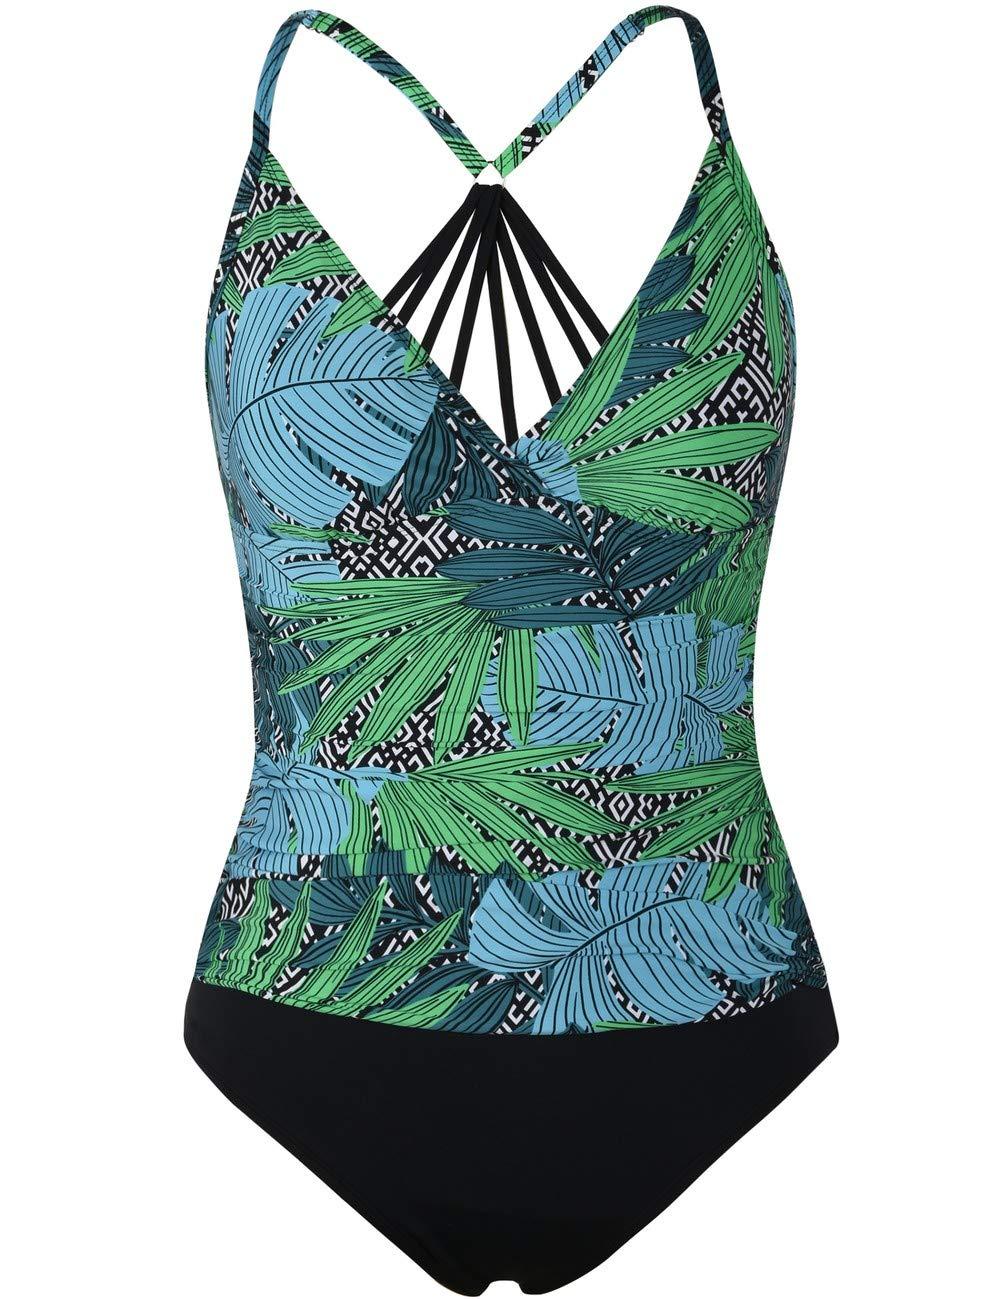 Firpearl Women's One Piece Swimsuit Strappy Racerback Tummy Control Swimwear Bathing Suit